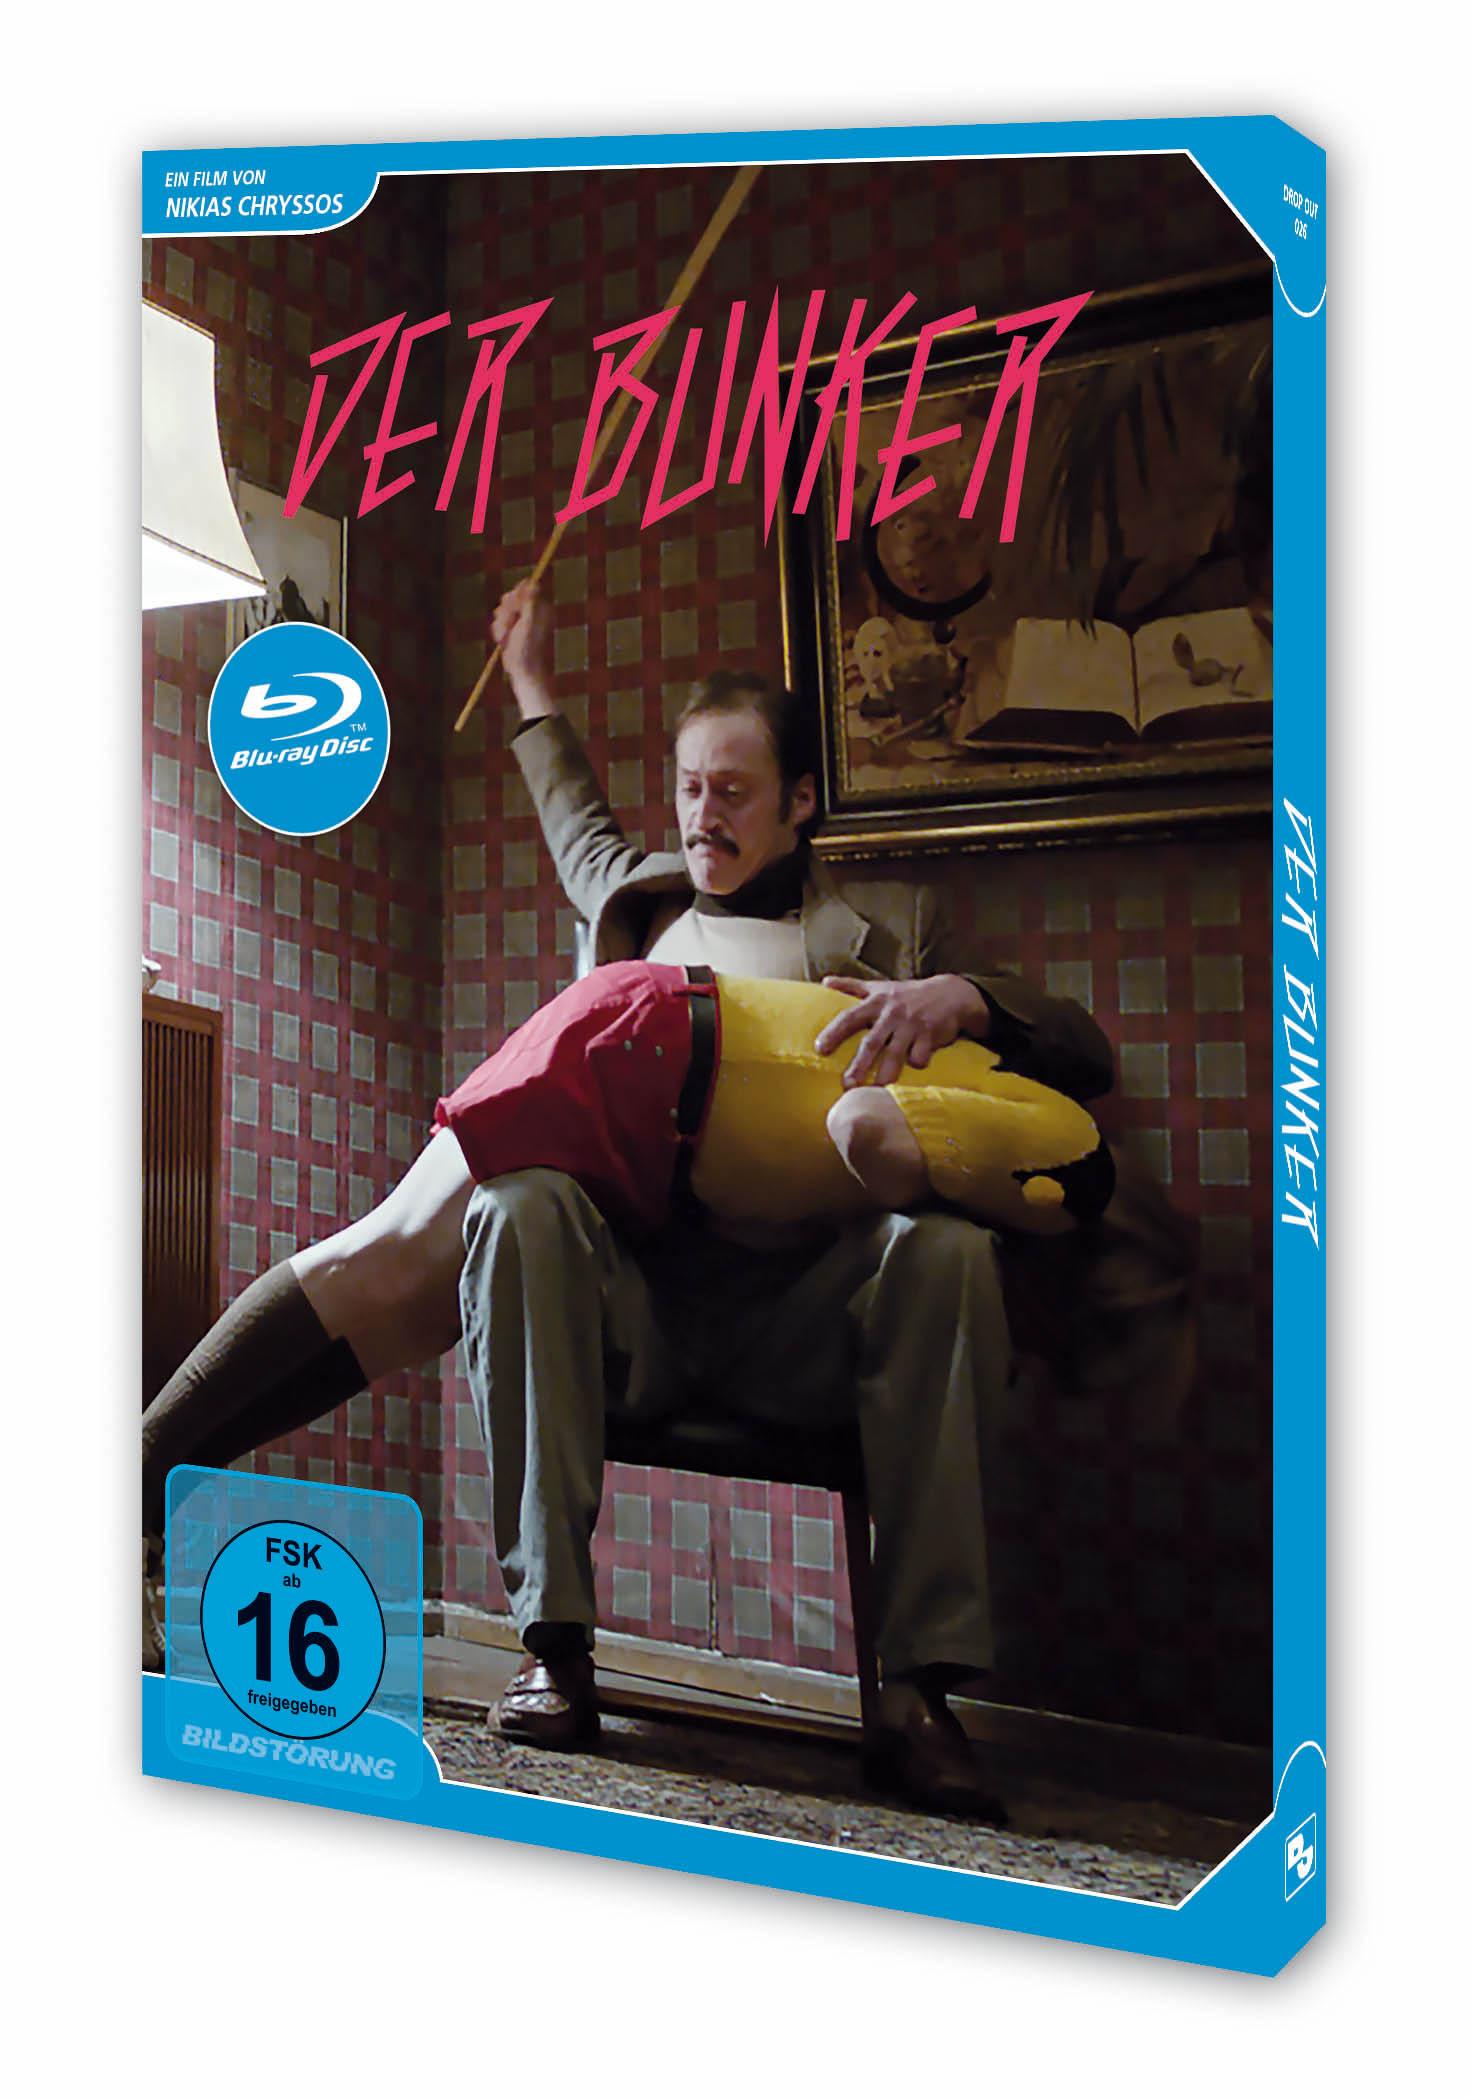 Packshot Blu-ray 3D